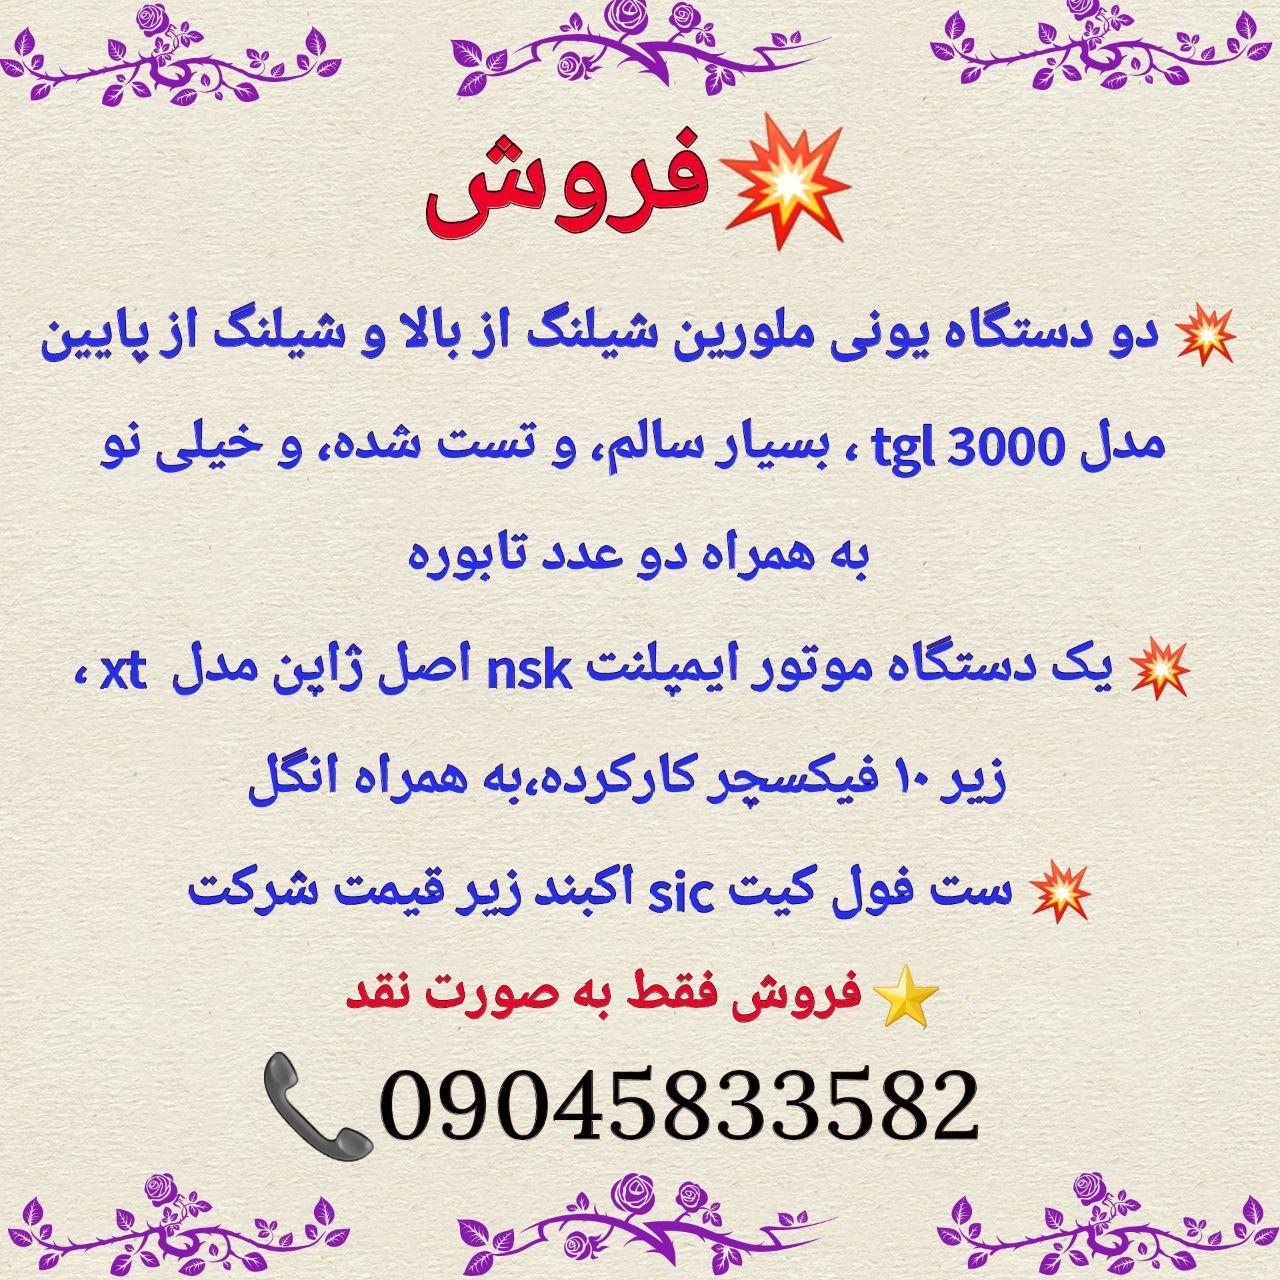 تهران: فروش تجهیزات